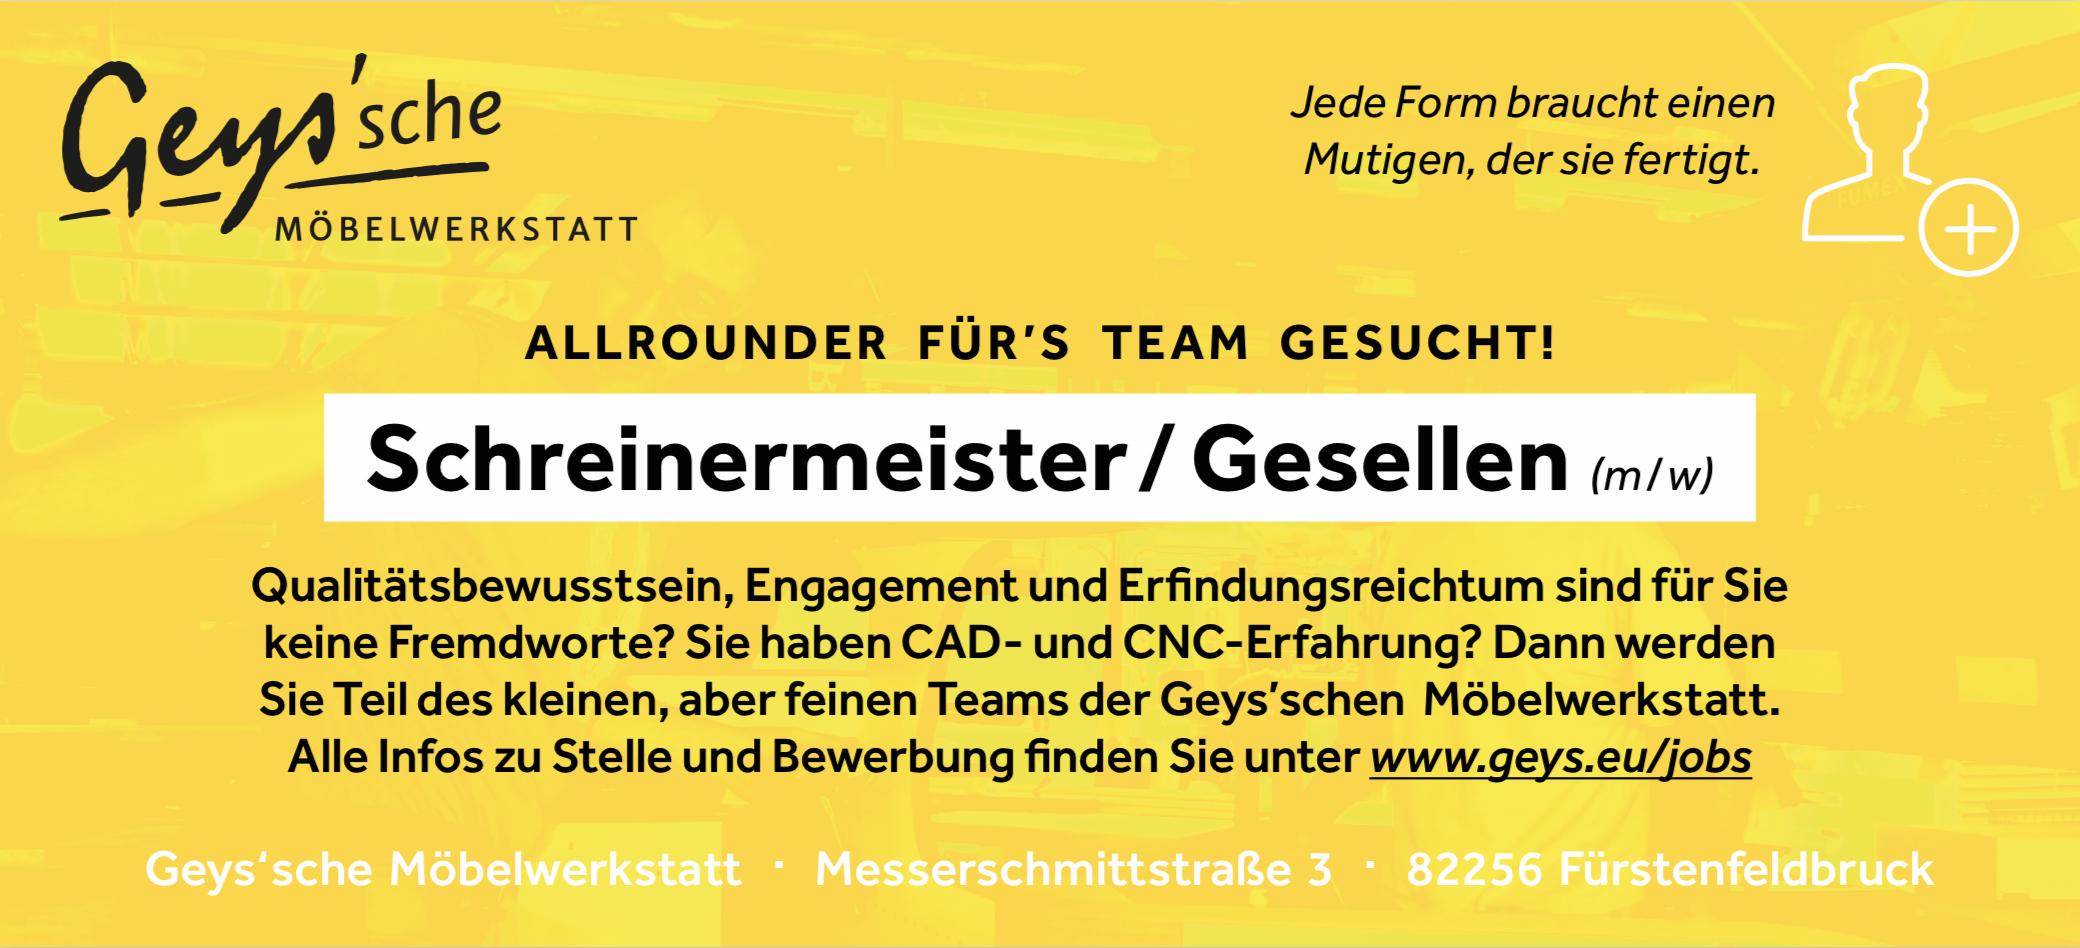 Schreinermeister-gesucht-geys.png